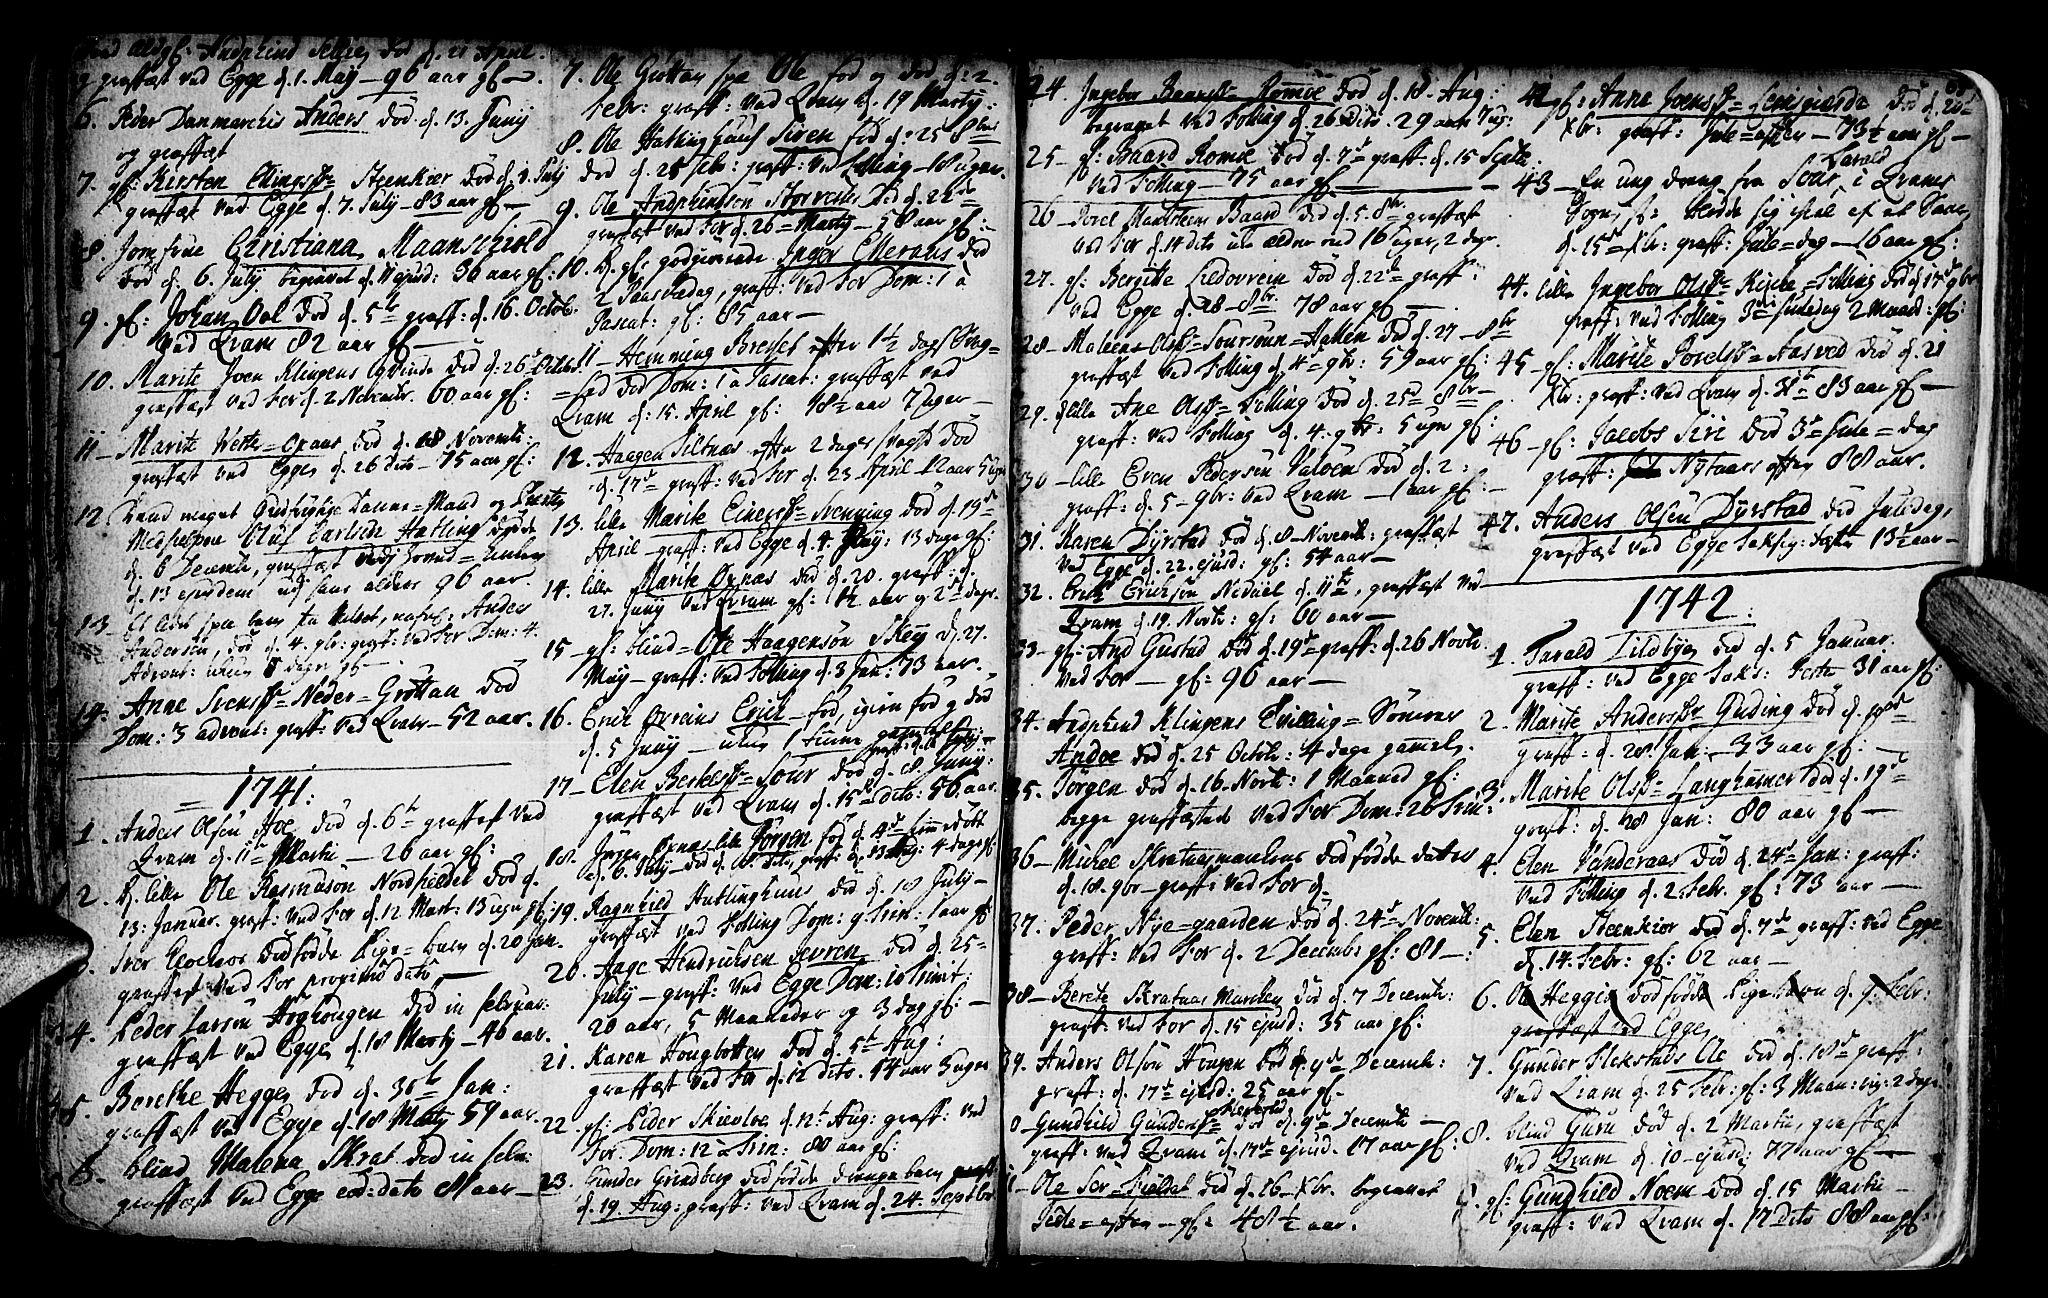 SAT, Ministerialprotokoller, klokkerbøker og fødselsregistre - Nord-Trøndelag, 746/L0439: Ministerialbok nr. 746A01, 1688-1759, s. 65